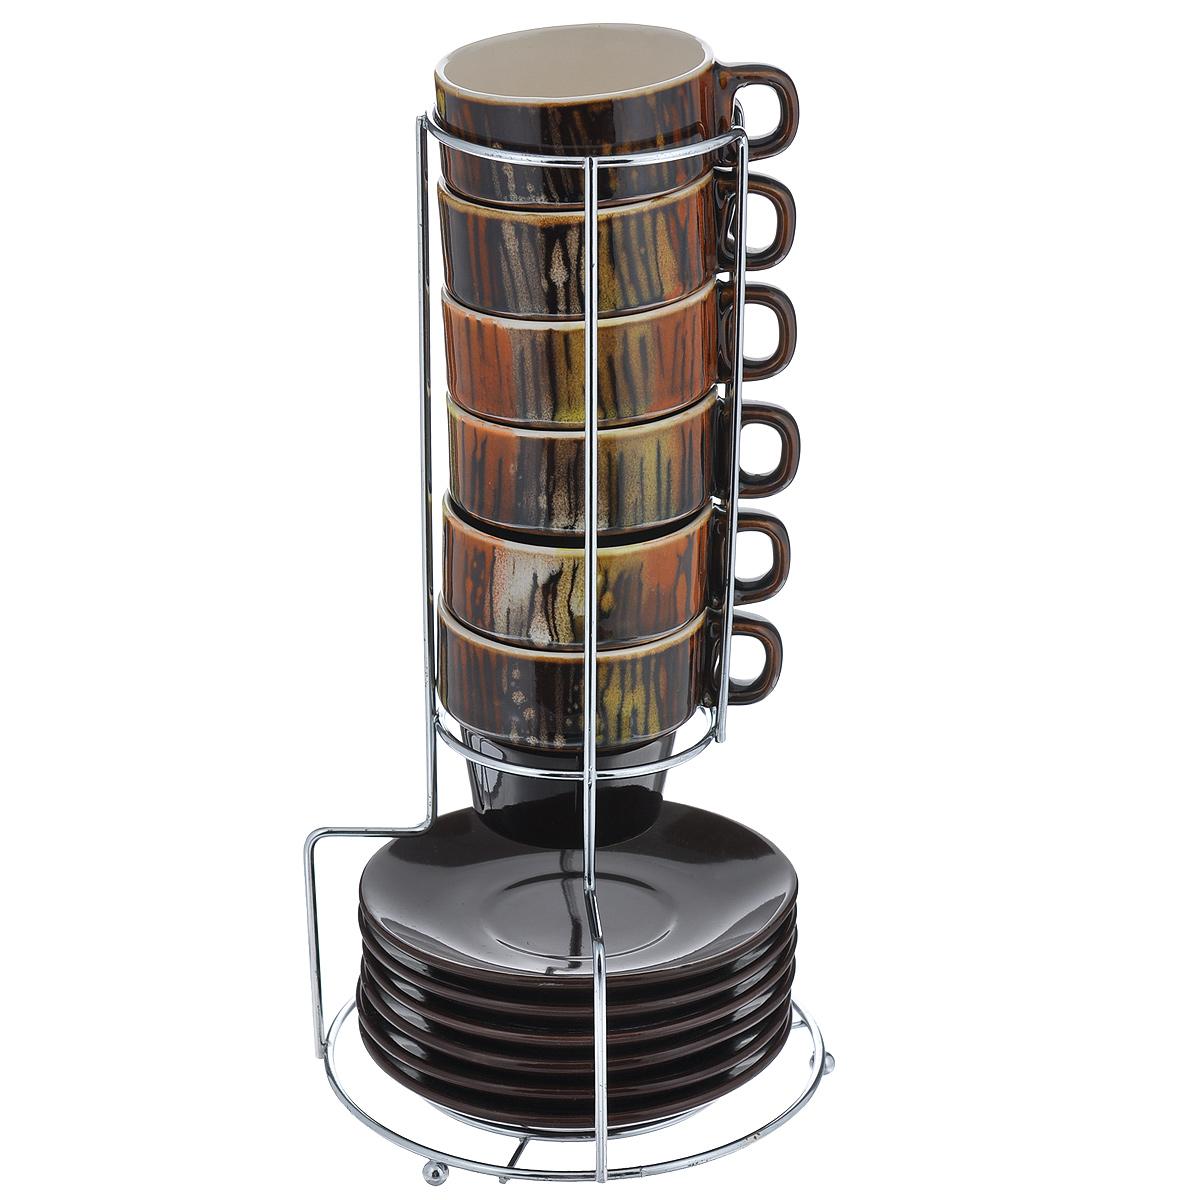 Набор кофейный Bekker Koch, цвет: коричневый, 13 предметов. 6807 zillinger набор кофейный с ложечками 18 предметов